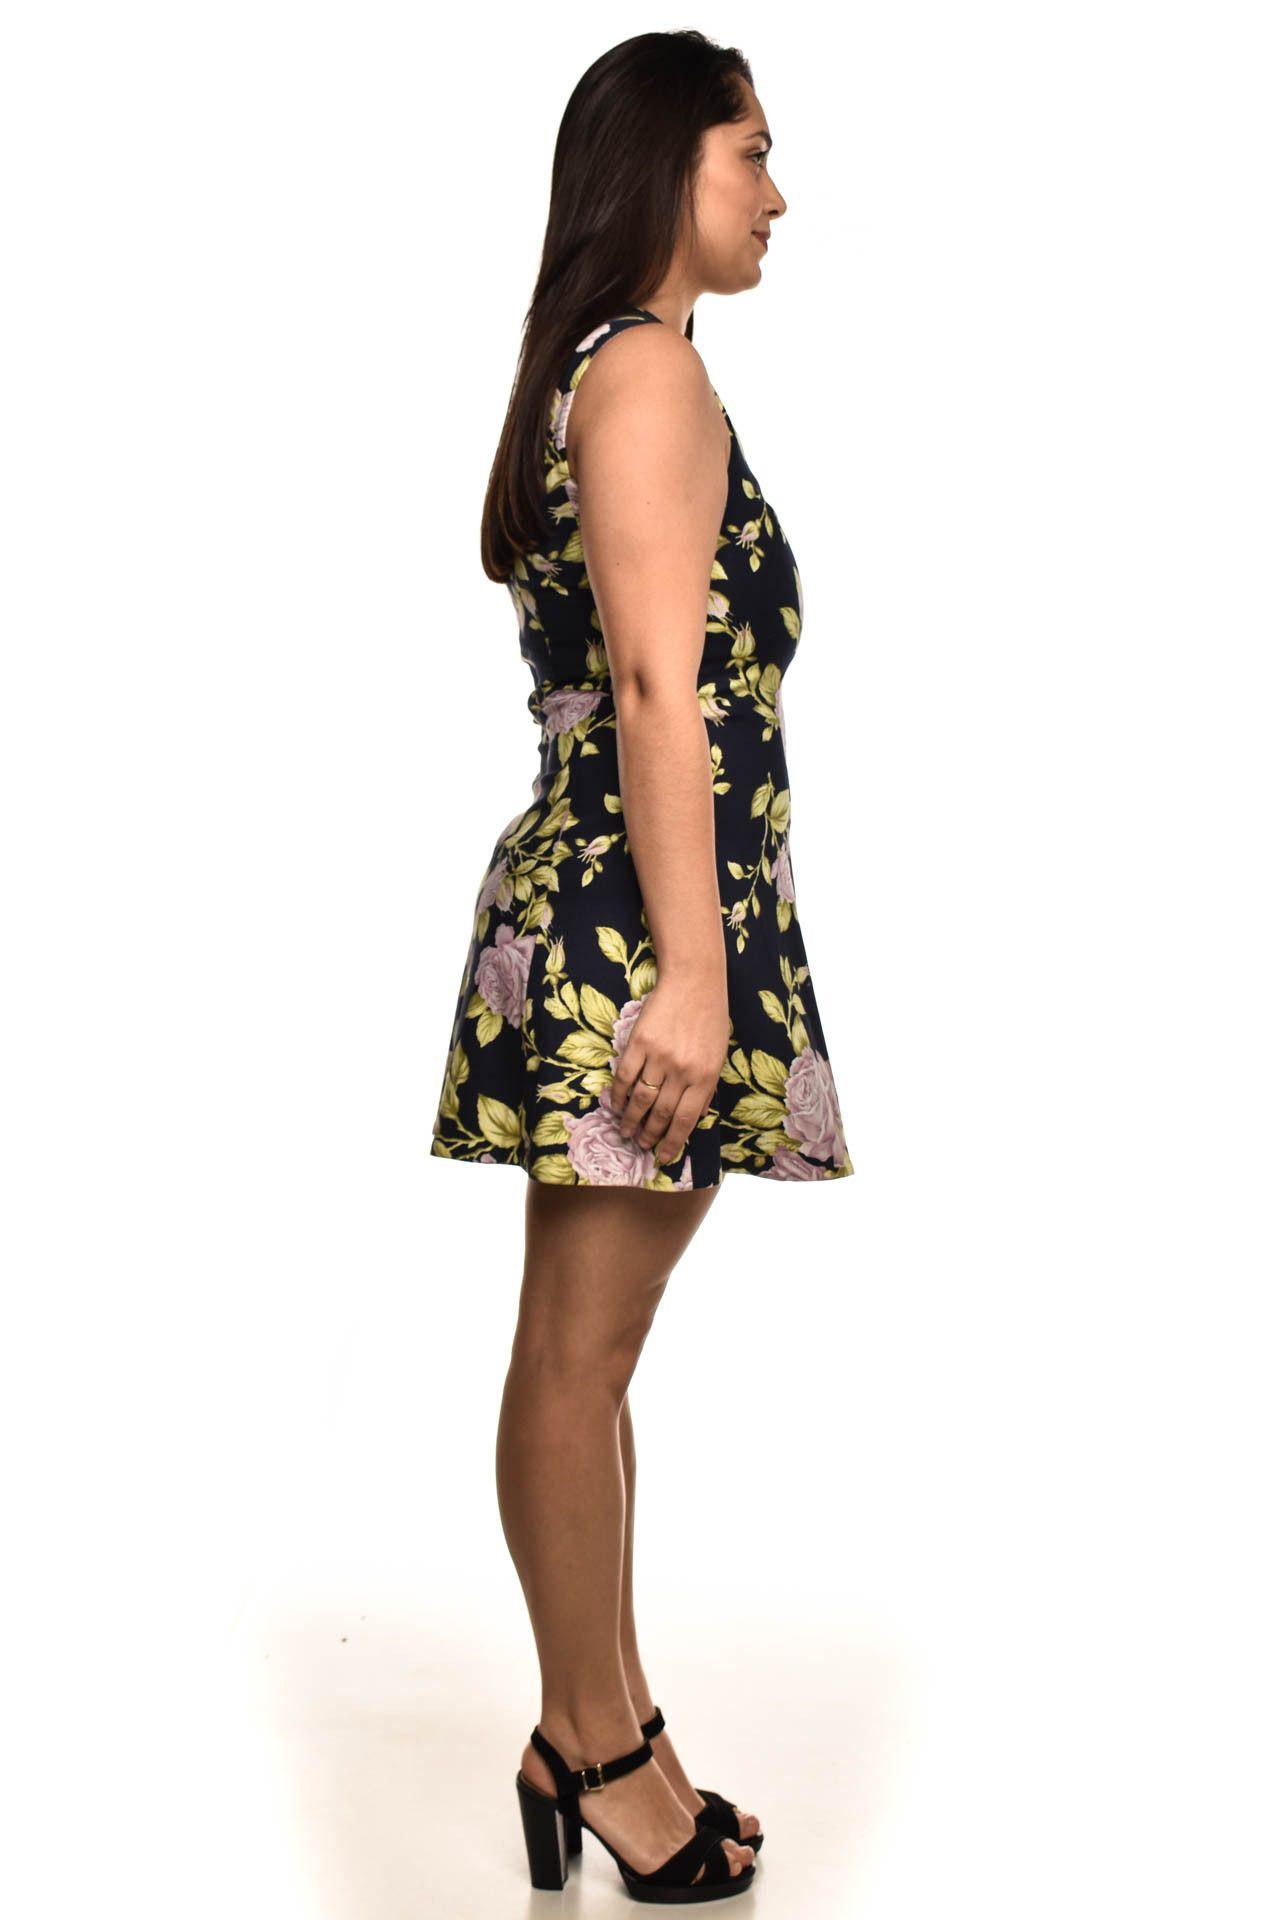 Rag & Bone - Vestido Estampa Floral - Foto 4